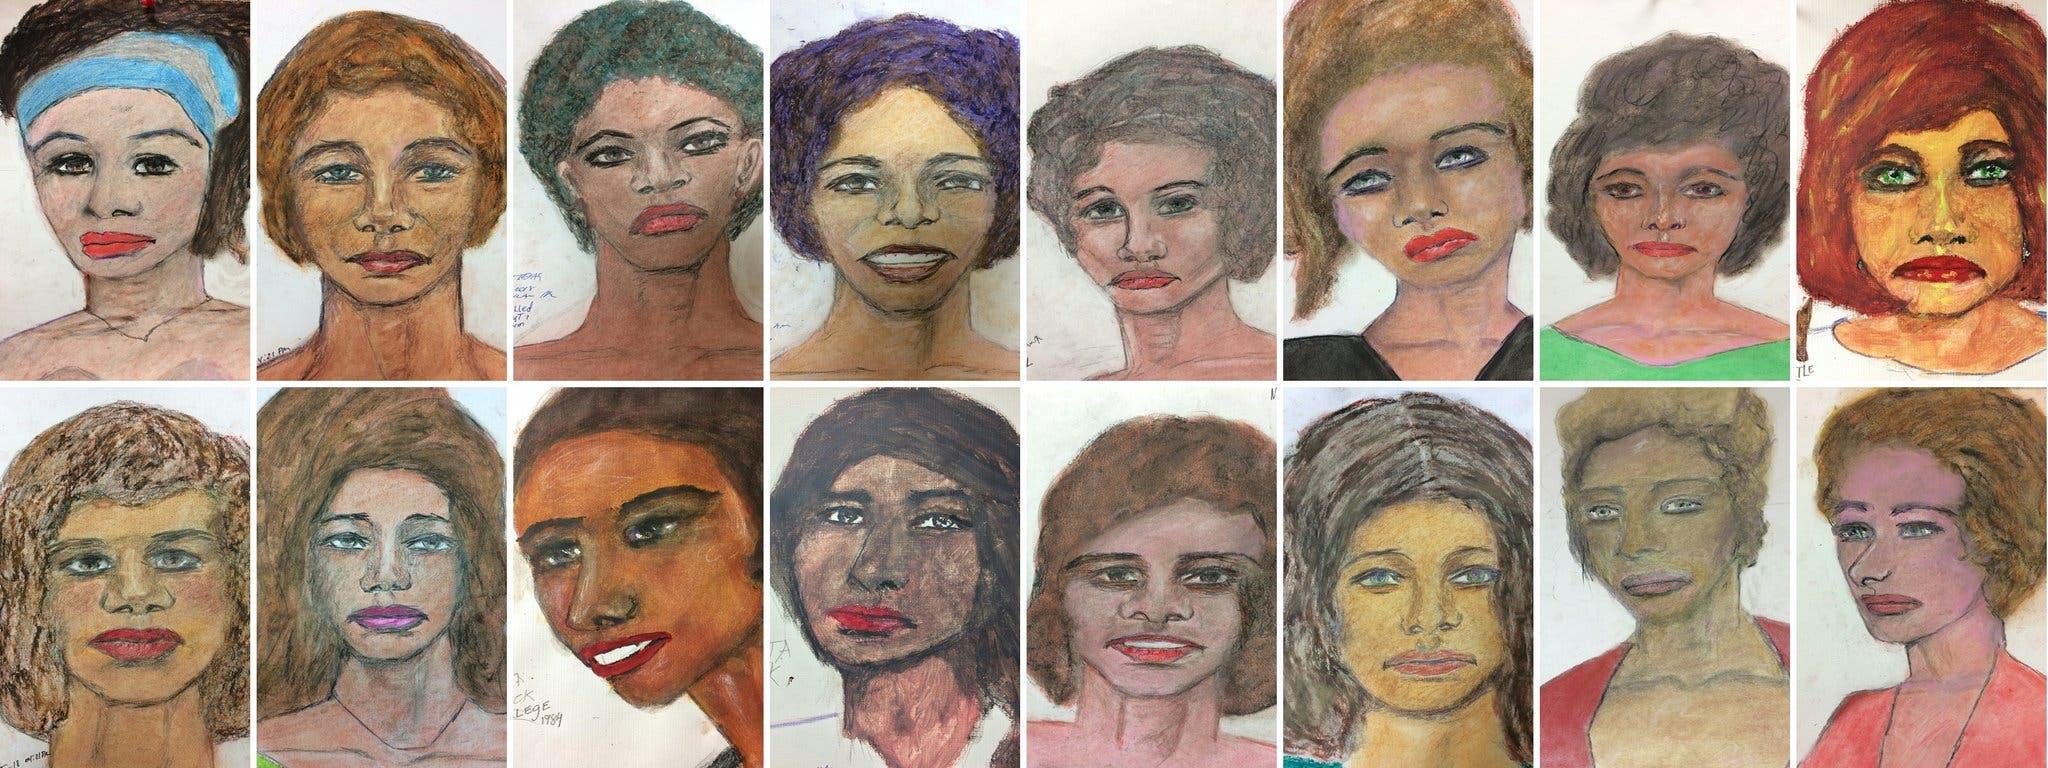 بعض ضحايا ليتل رسمها بيده خلال اعترافاته